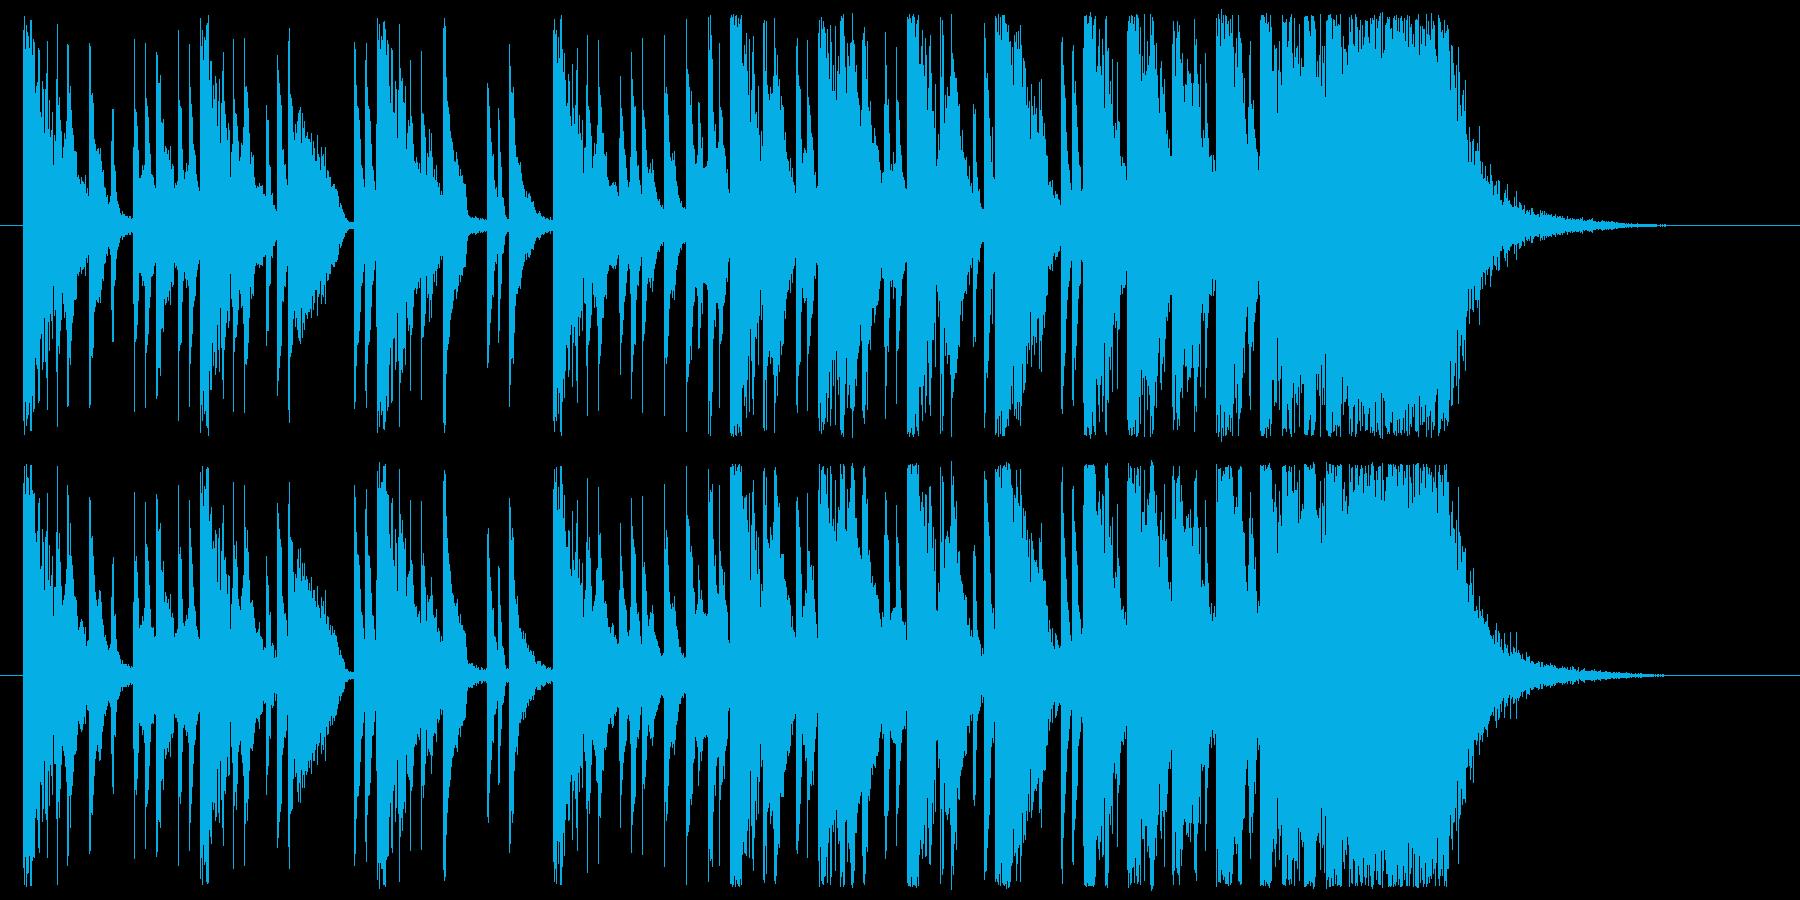 シンキングタイム、クイズコンテンツの再生済みの波形